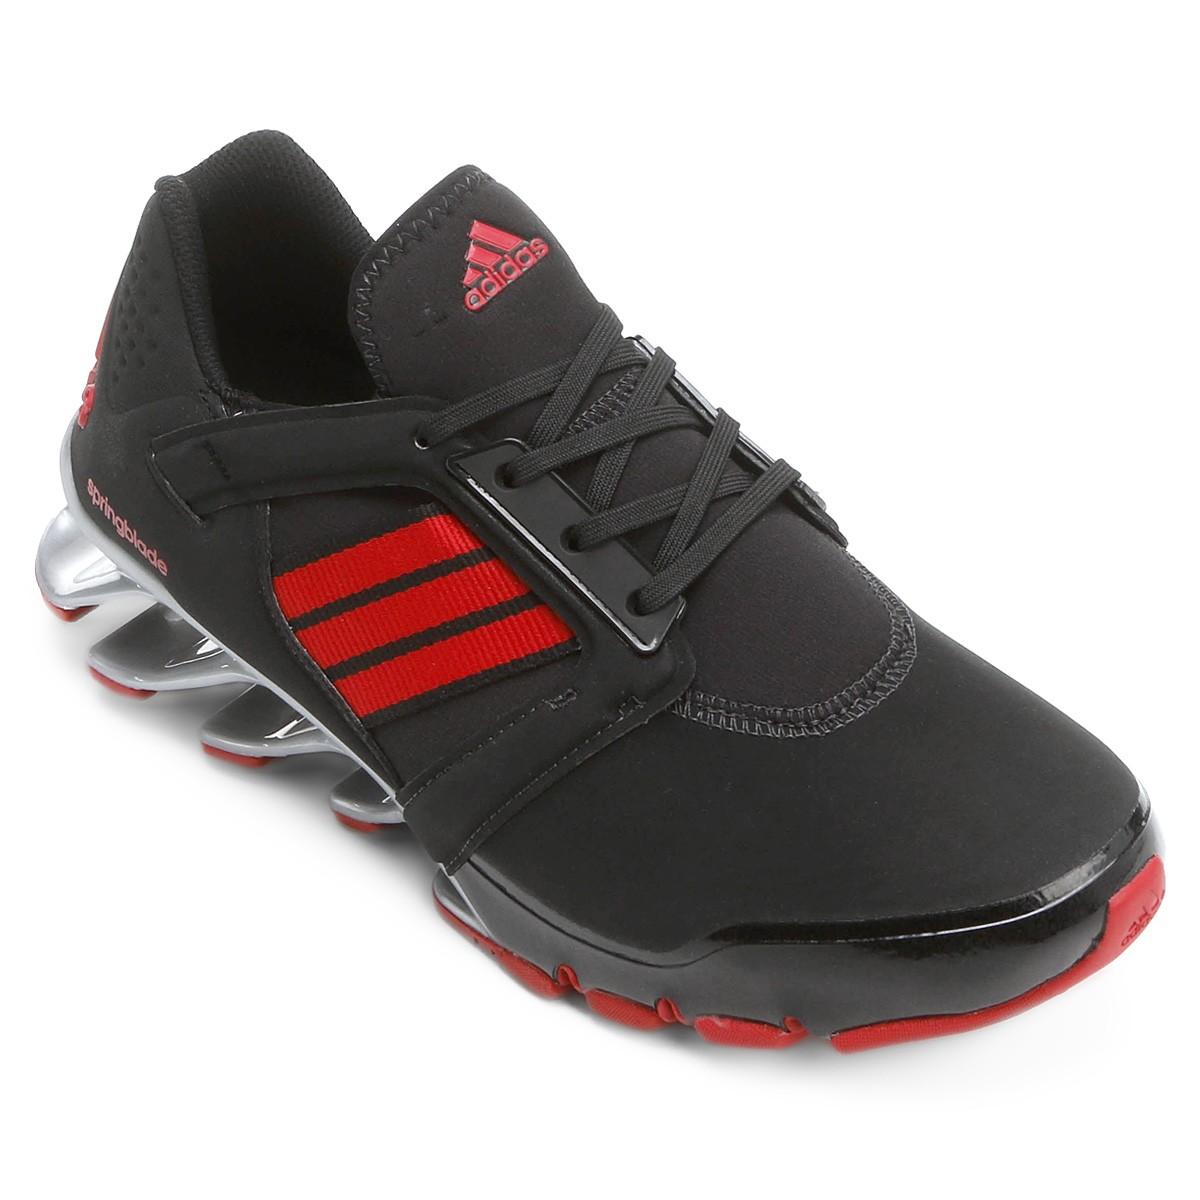 06e07678354 Tenis Adidas Springblade H68448